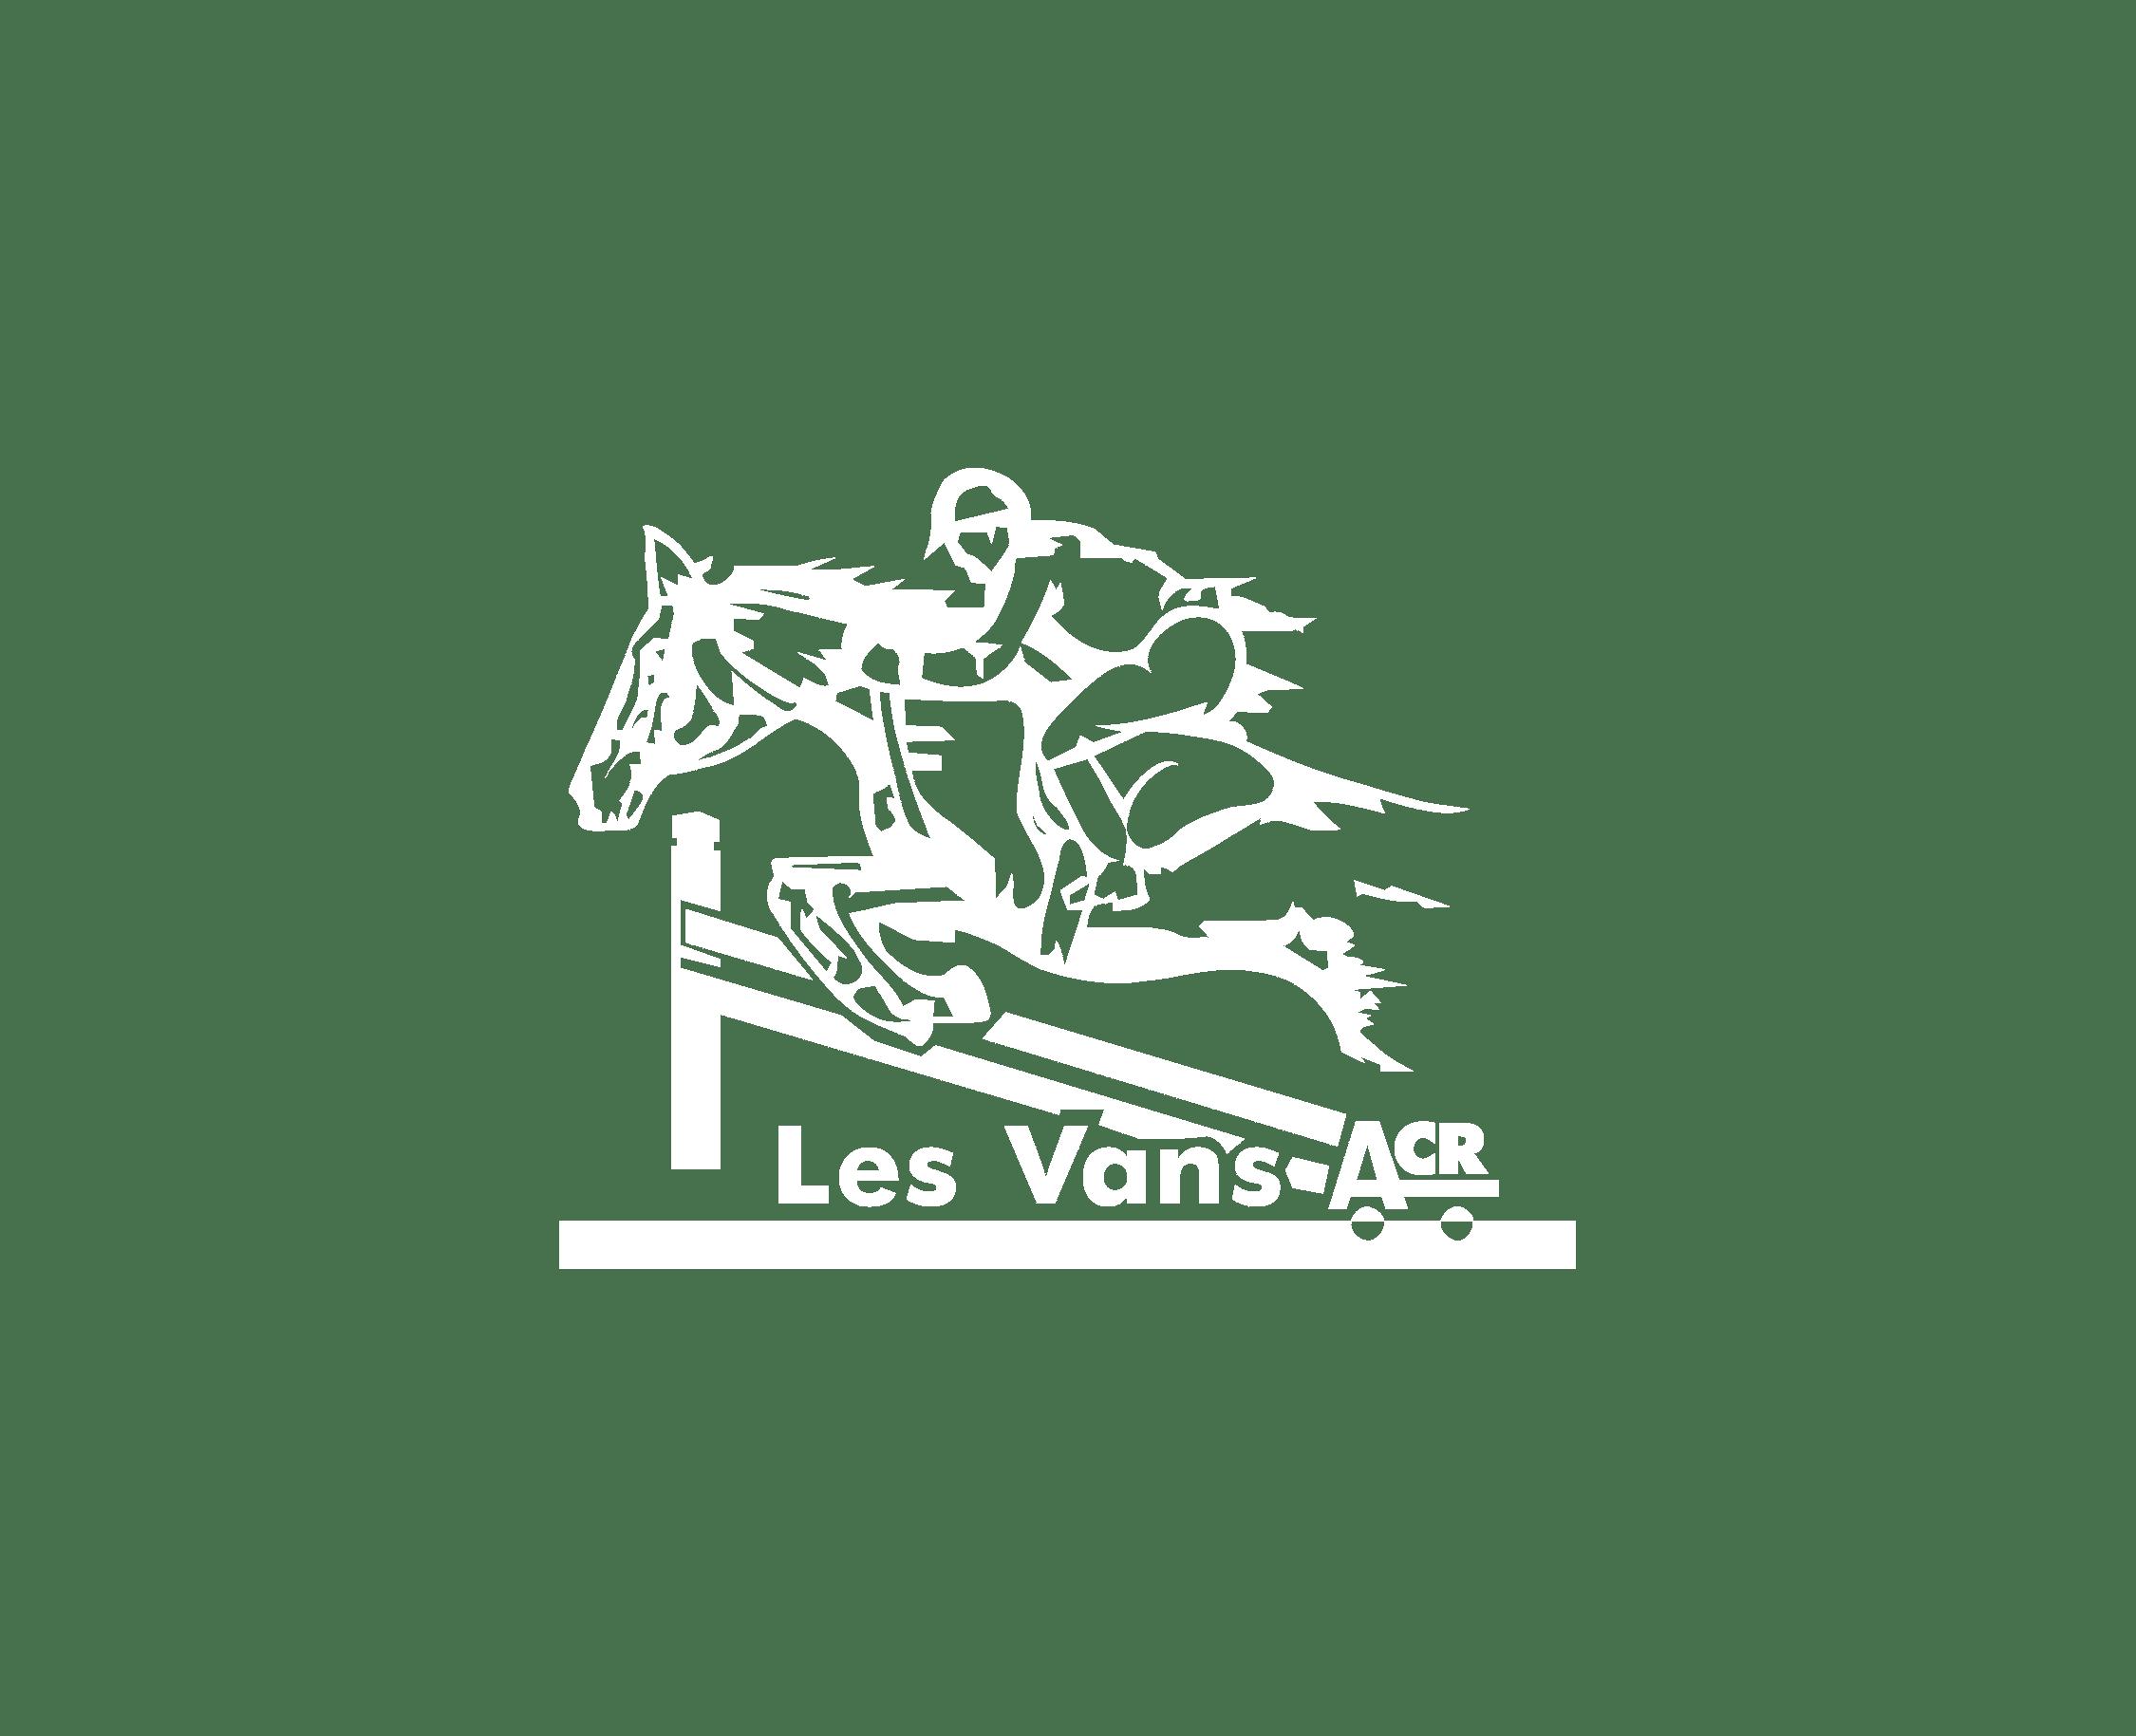 Les Vans ACR